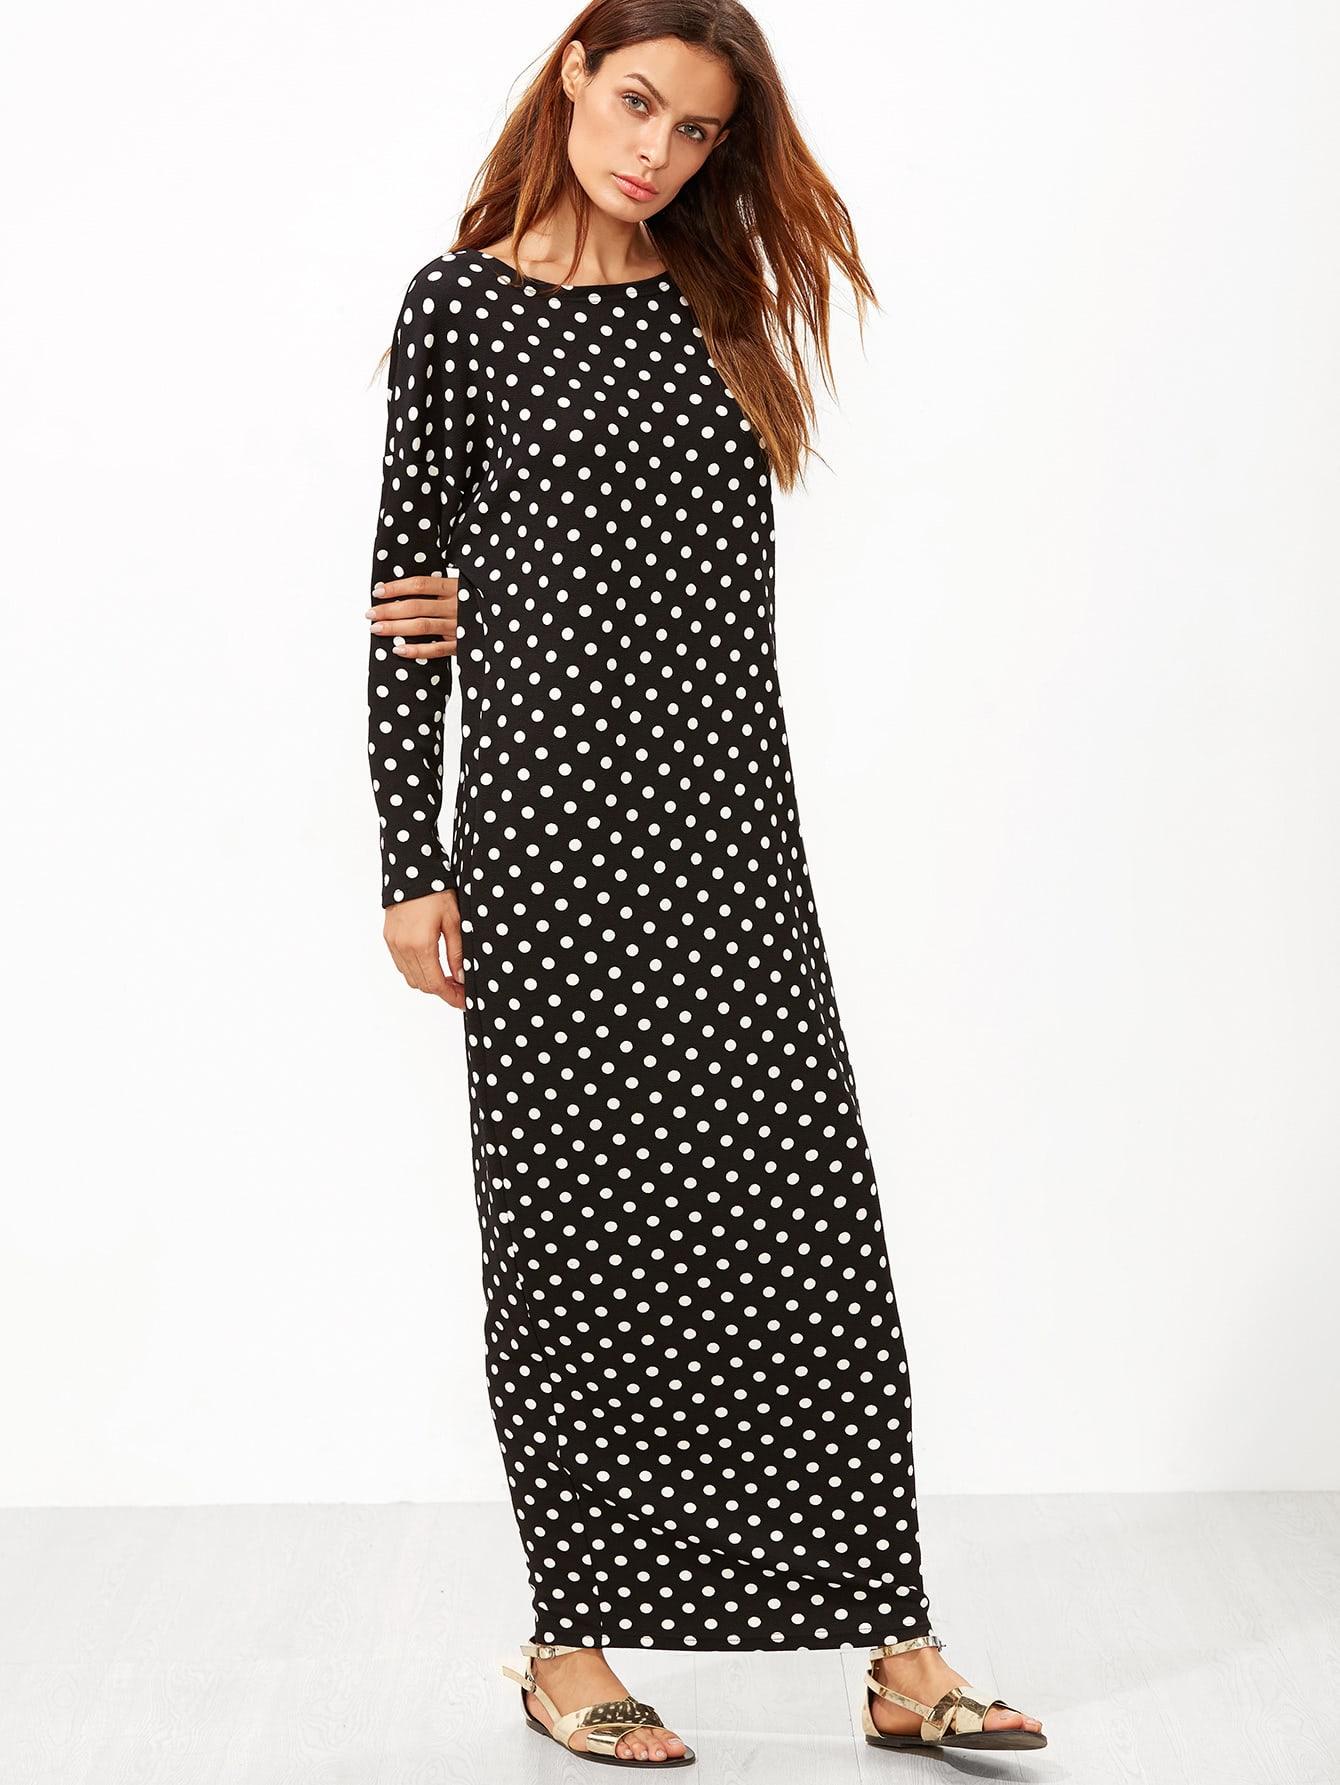 dress160908704_2